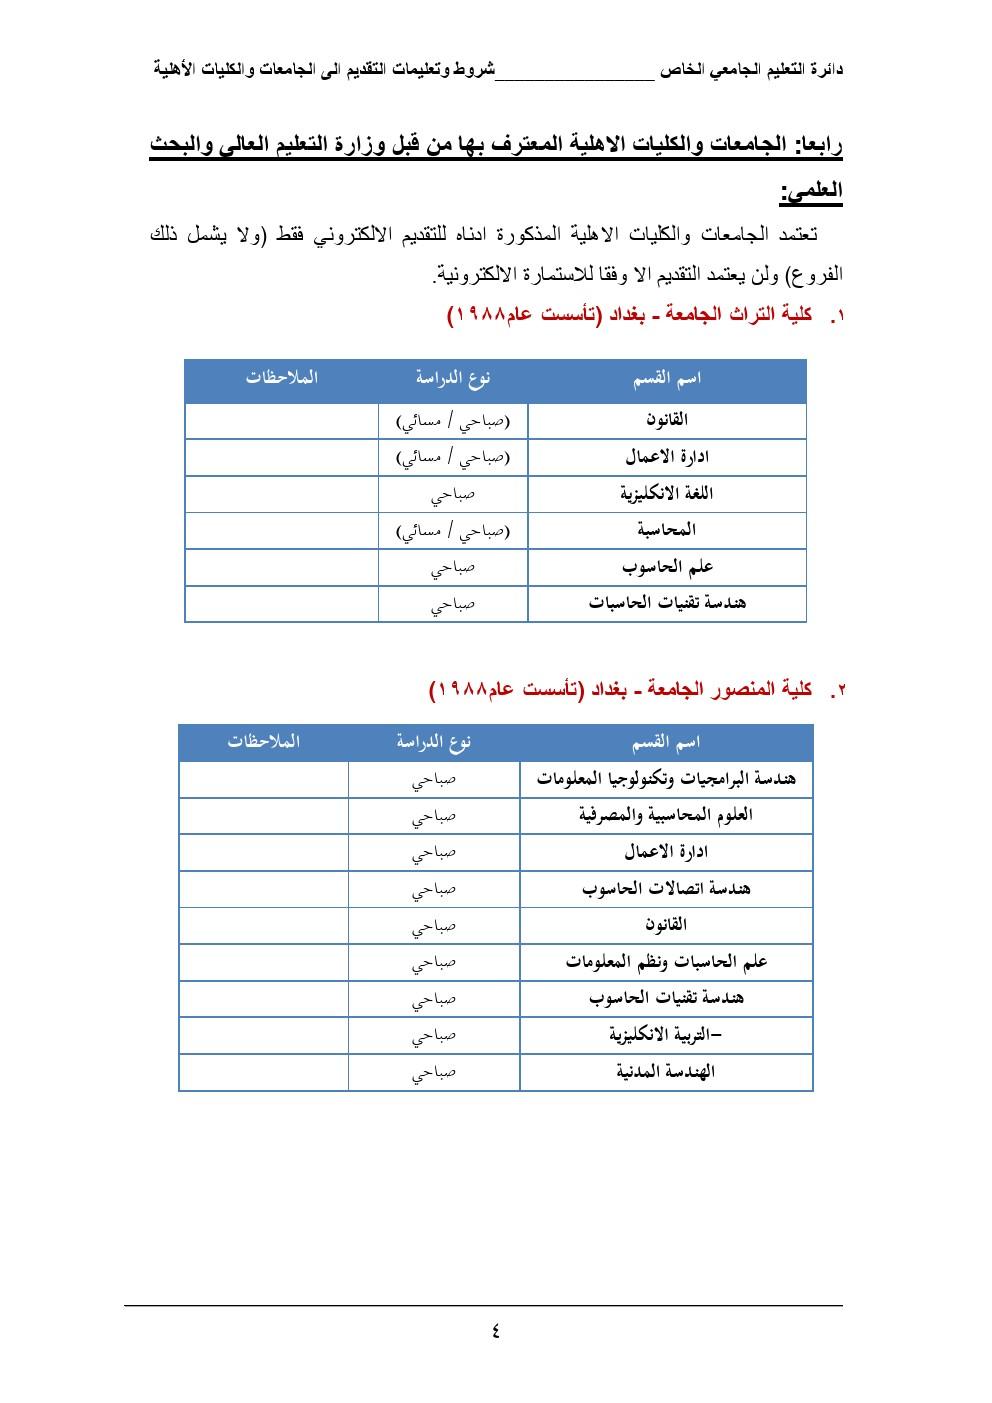 الجامعات والكليات الاهلية المعترف بها رسميا من قبل الوزارة